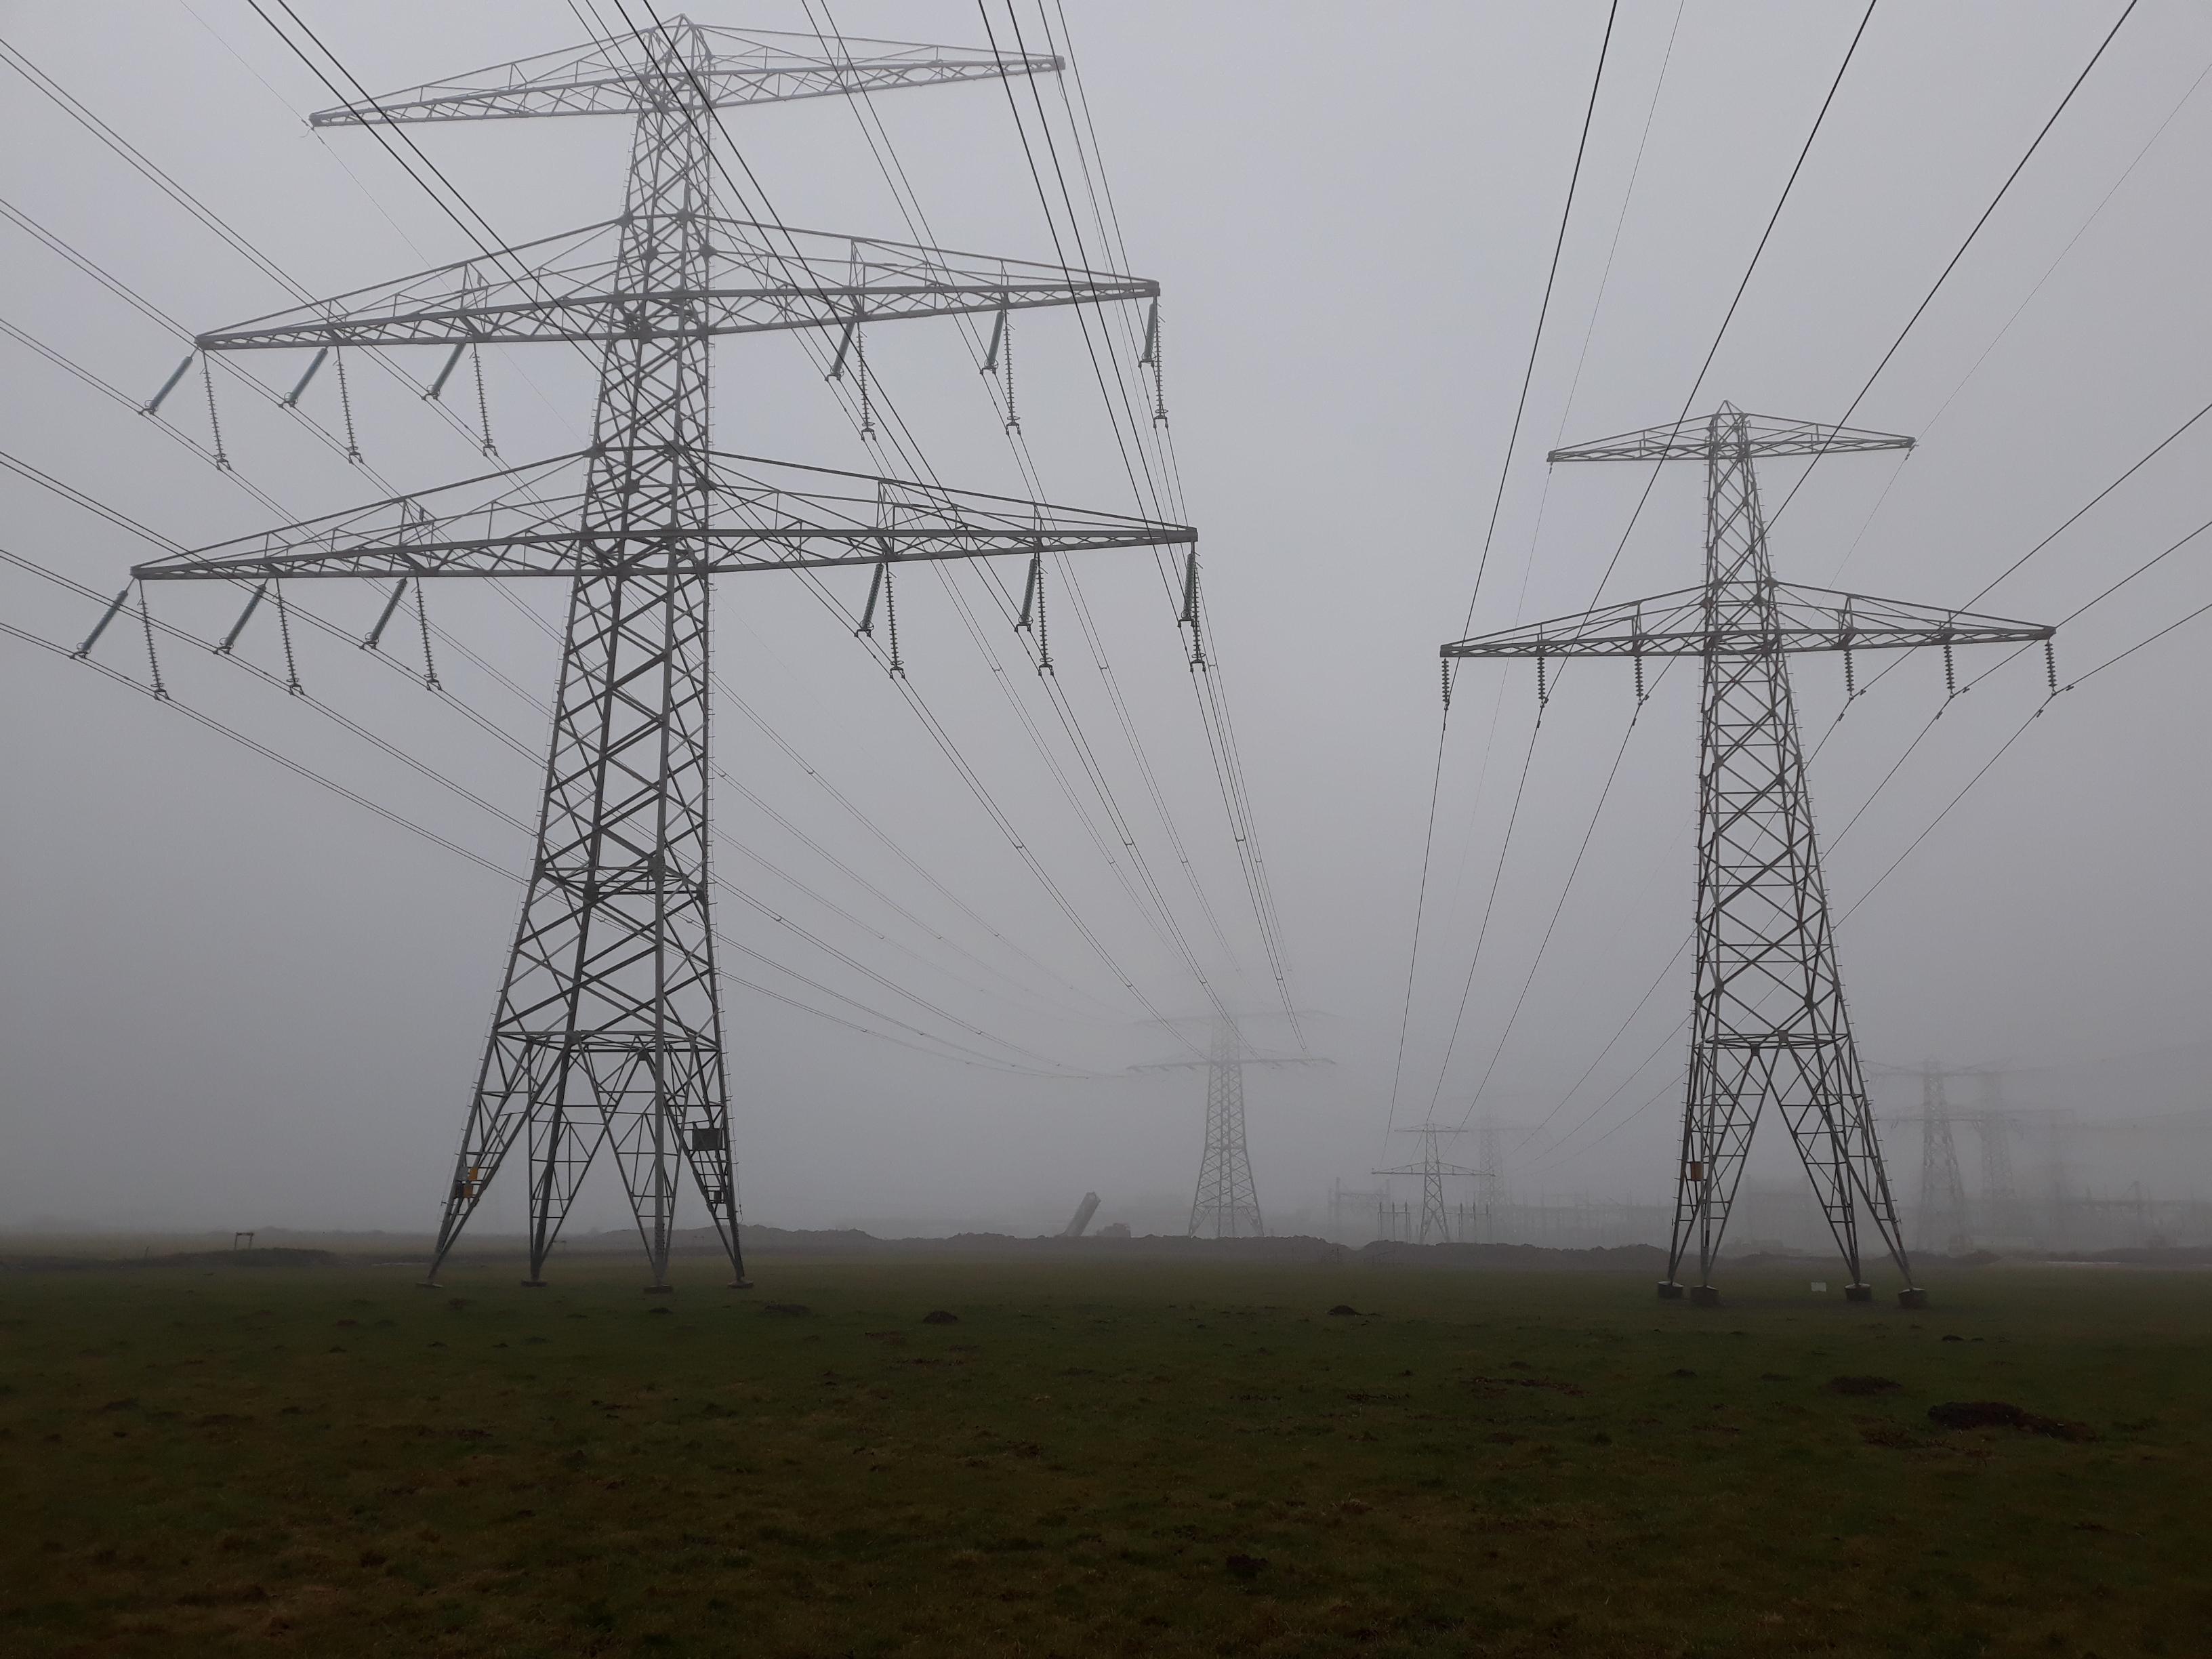 hoogspanningsmasten in de mist